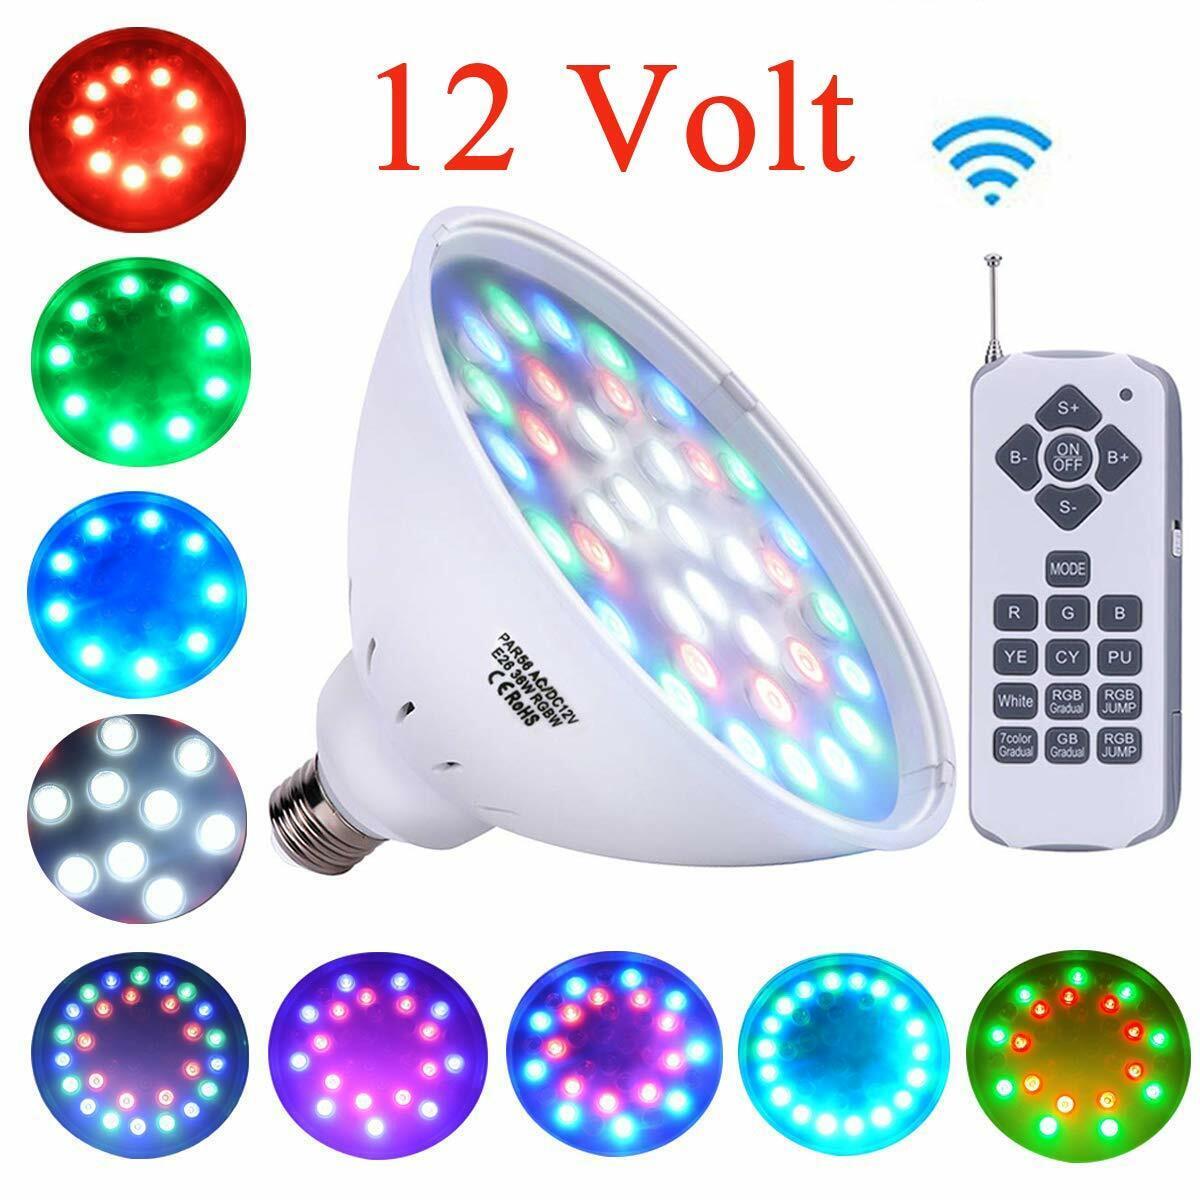 Luz LED xiube PAR56 RGB Bombilla Luces De Piscina 12V 36W Interruptor de control